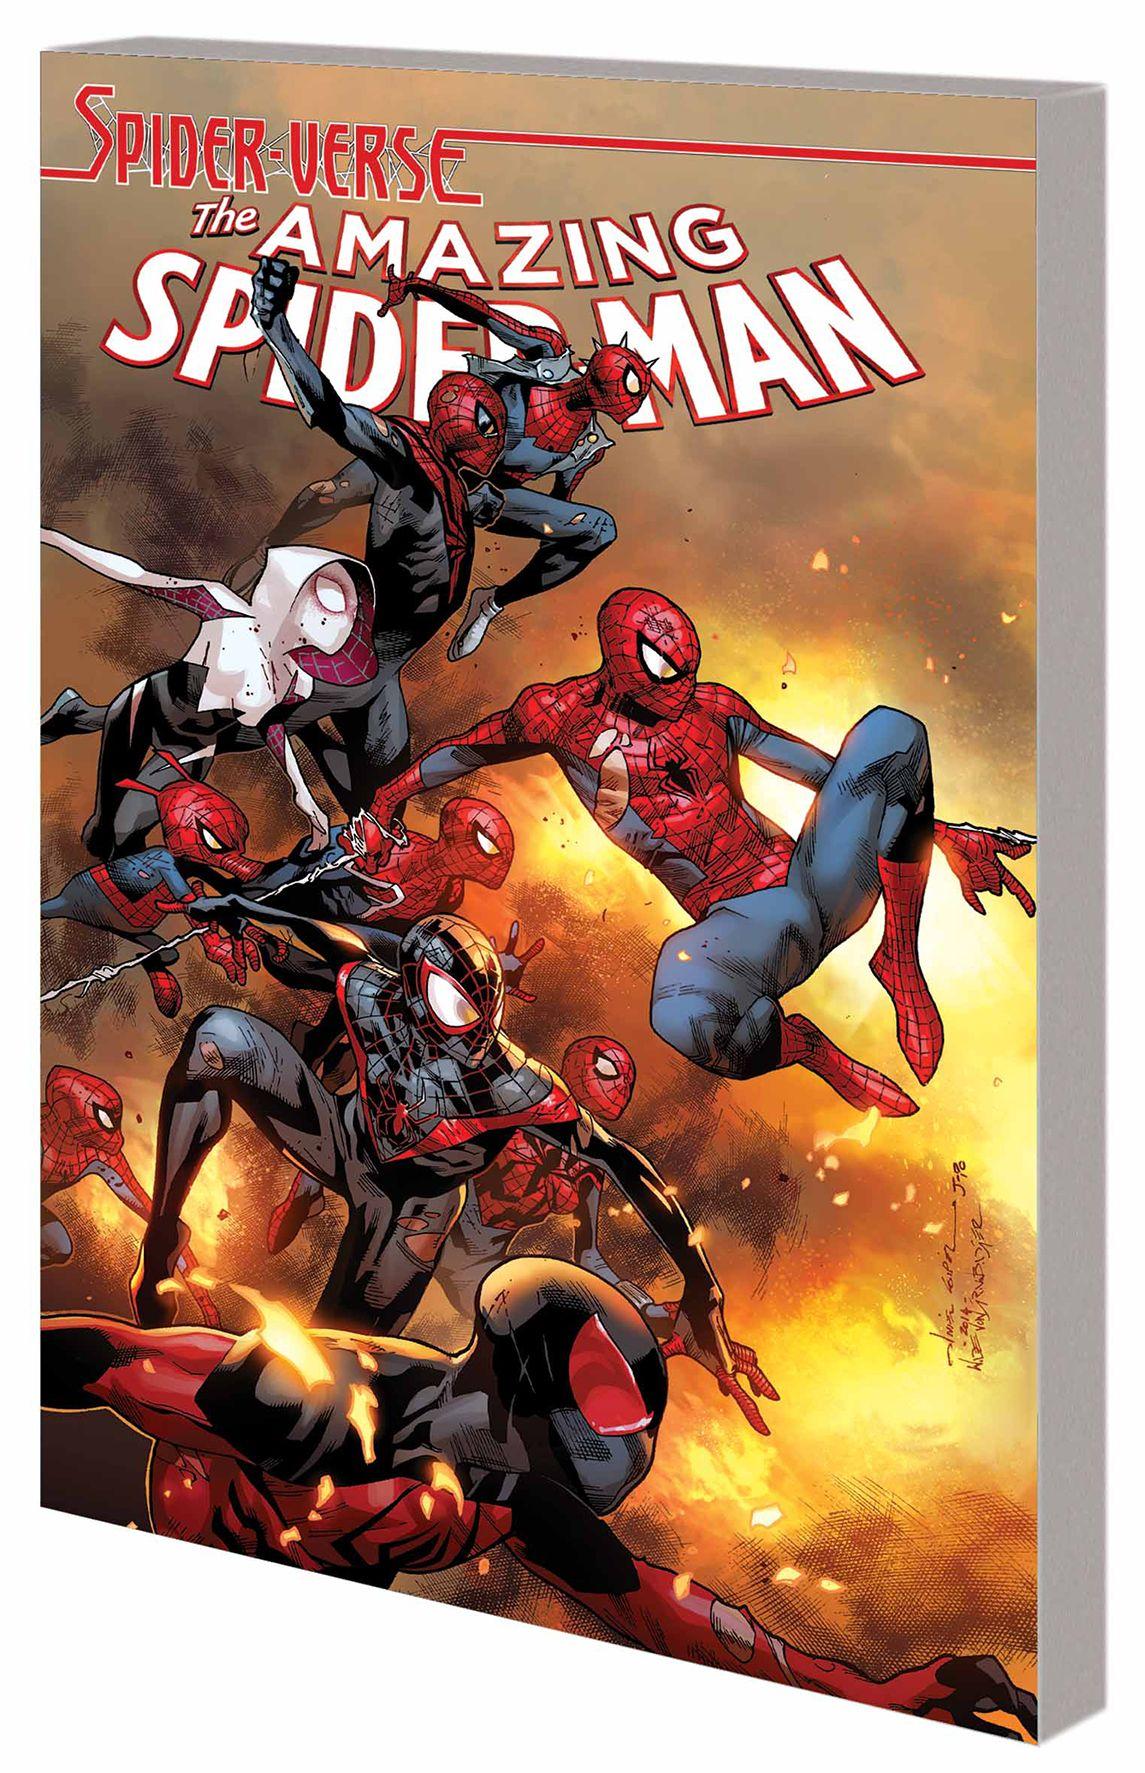 AMAZING SPIDER MAN TP VOL 03 SPIDER-VERSE